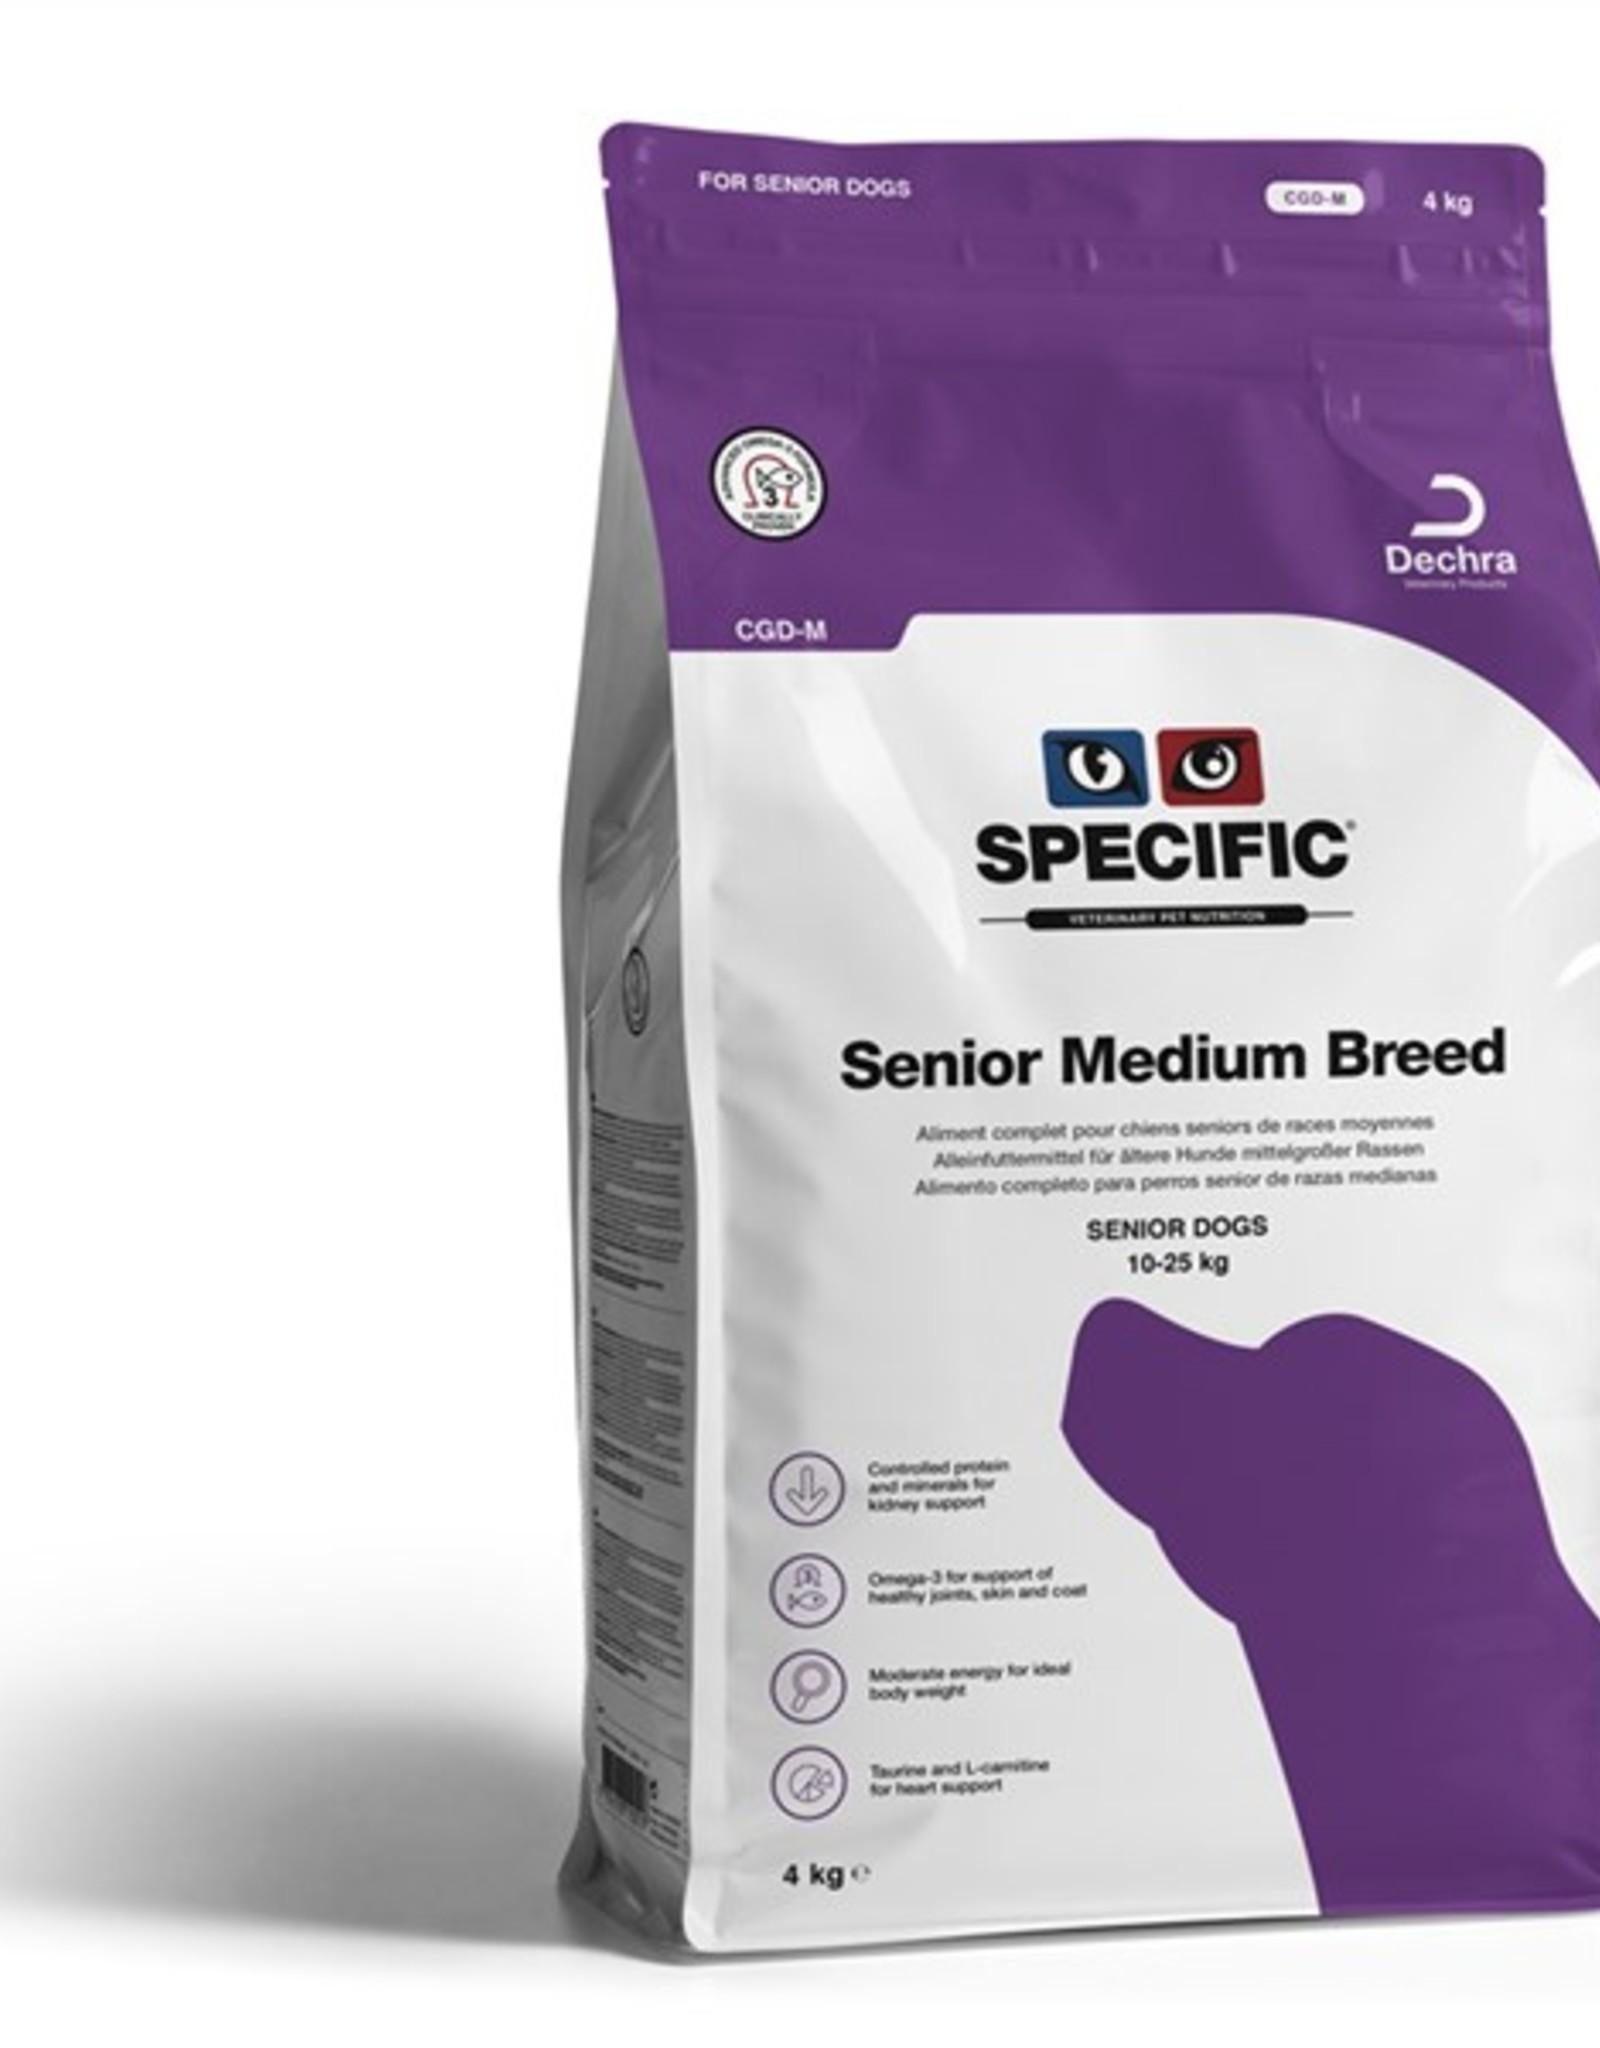 Specific Specific Cgd-m Senior Medium 4kg